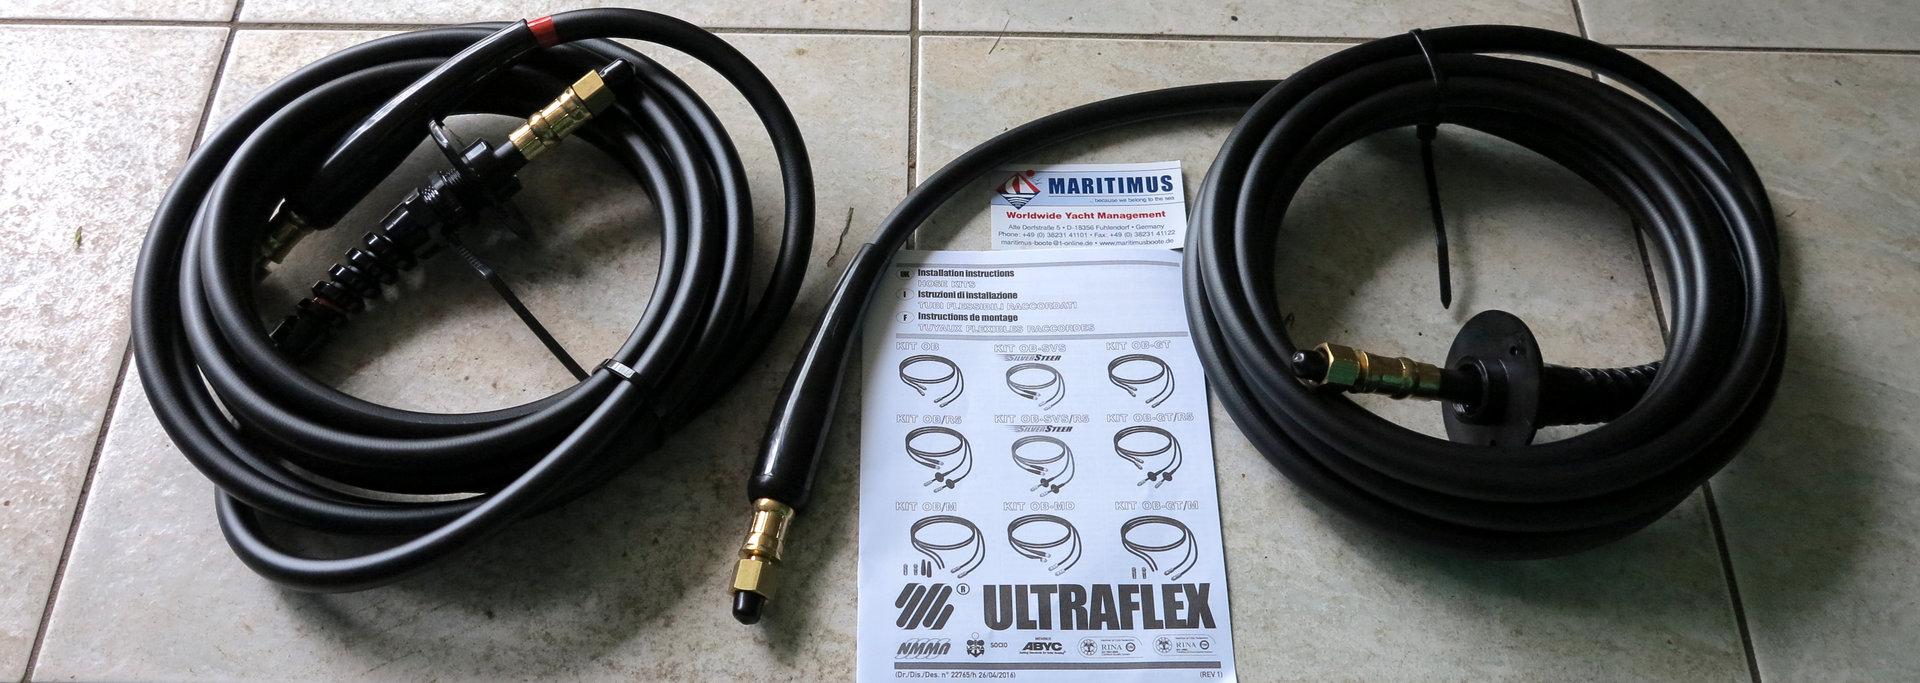 Ultraflex Kit due tubi 5,5 m OB-55